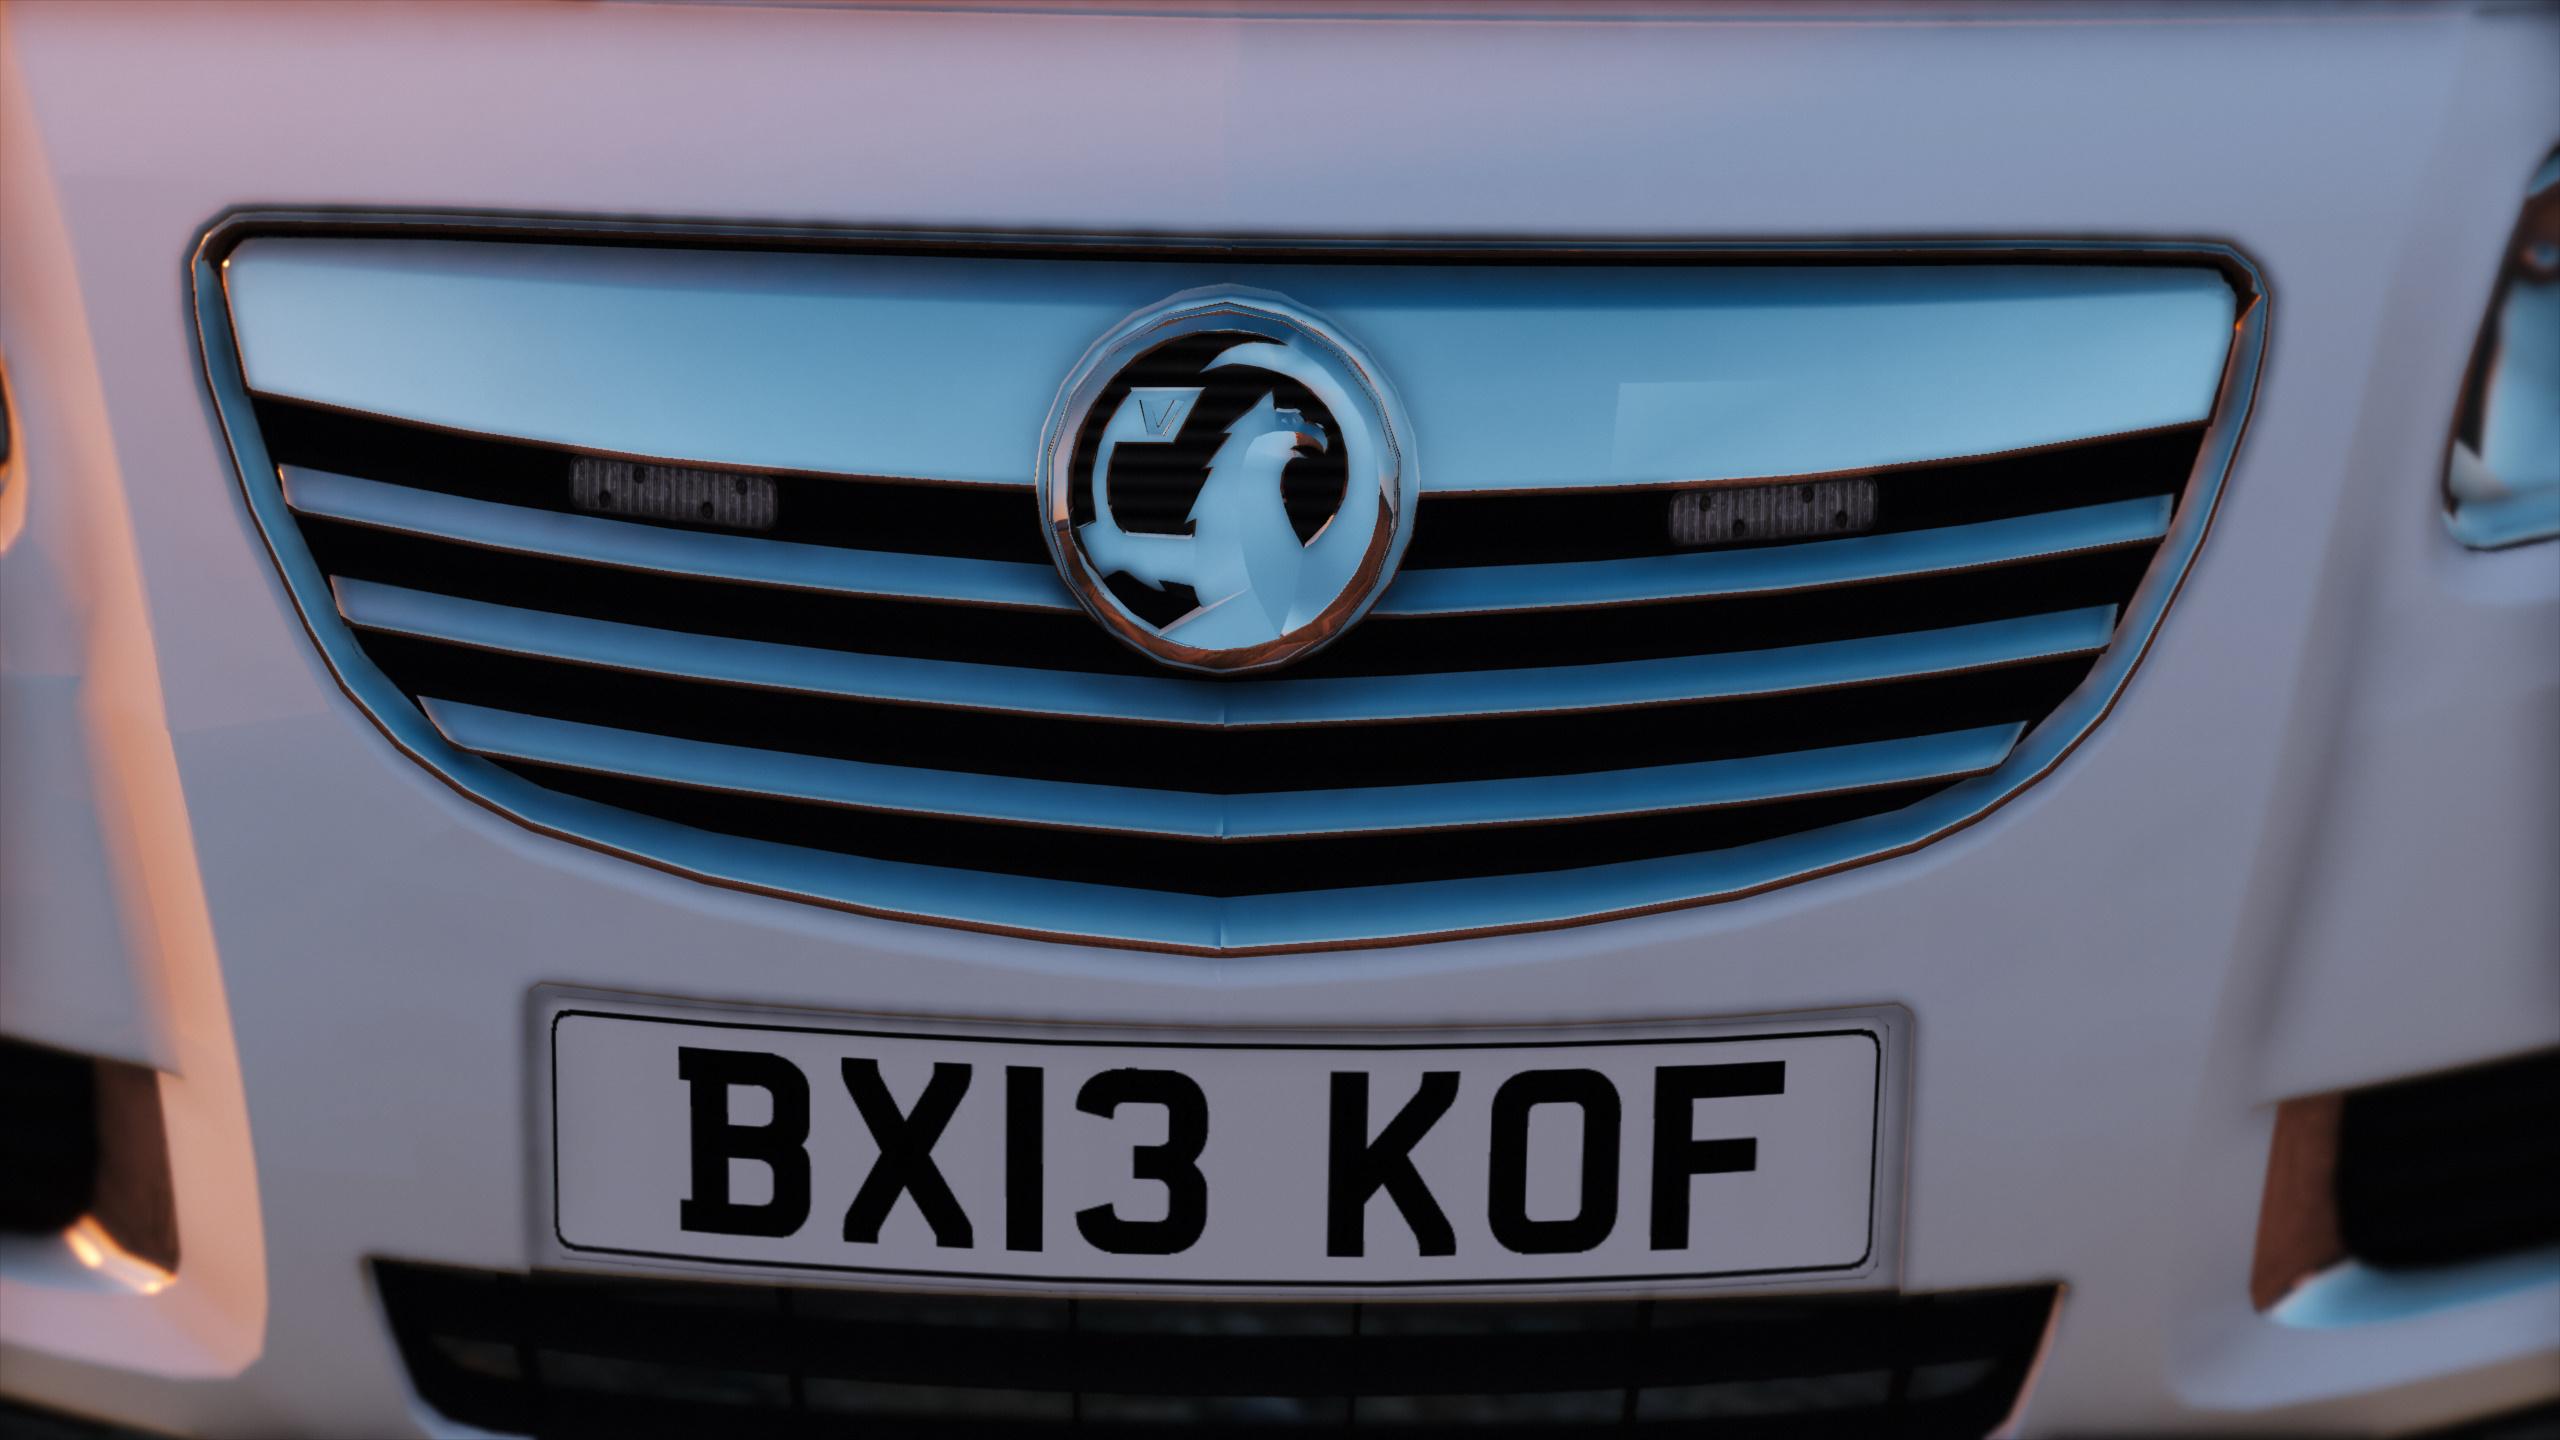 West Midlands Police Vauxhall Insignia Gta5 Mods Com